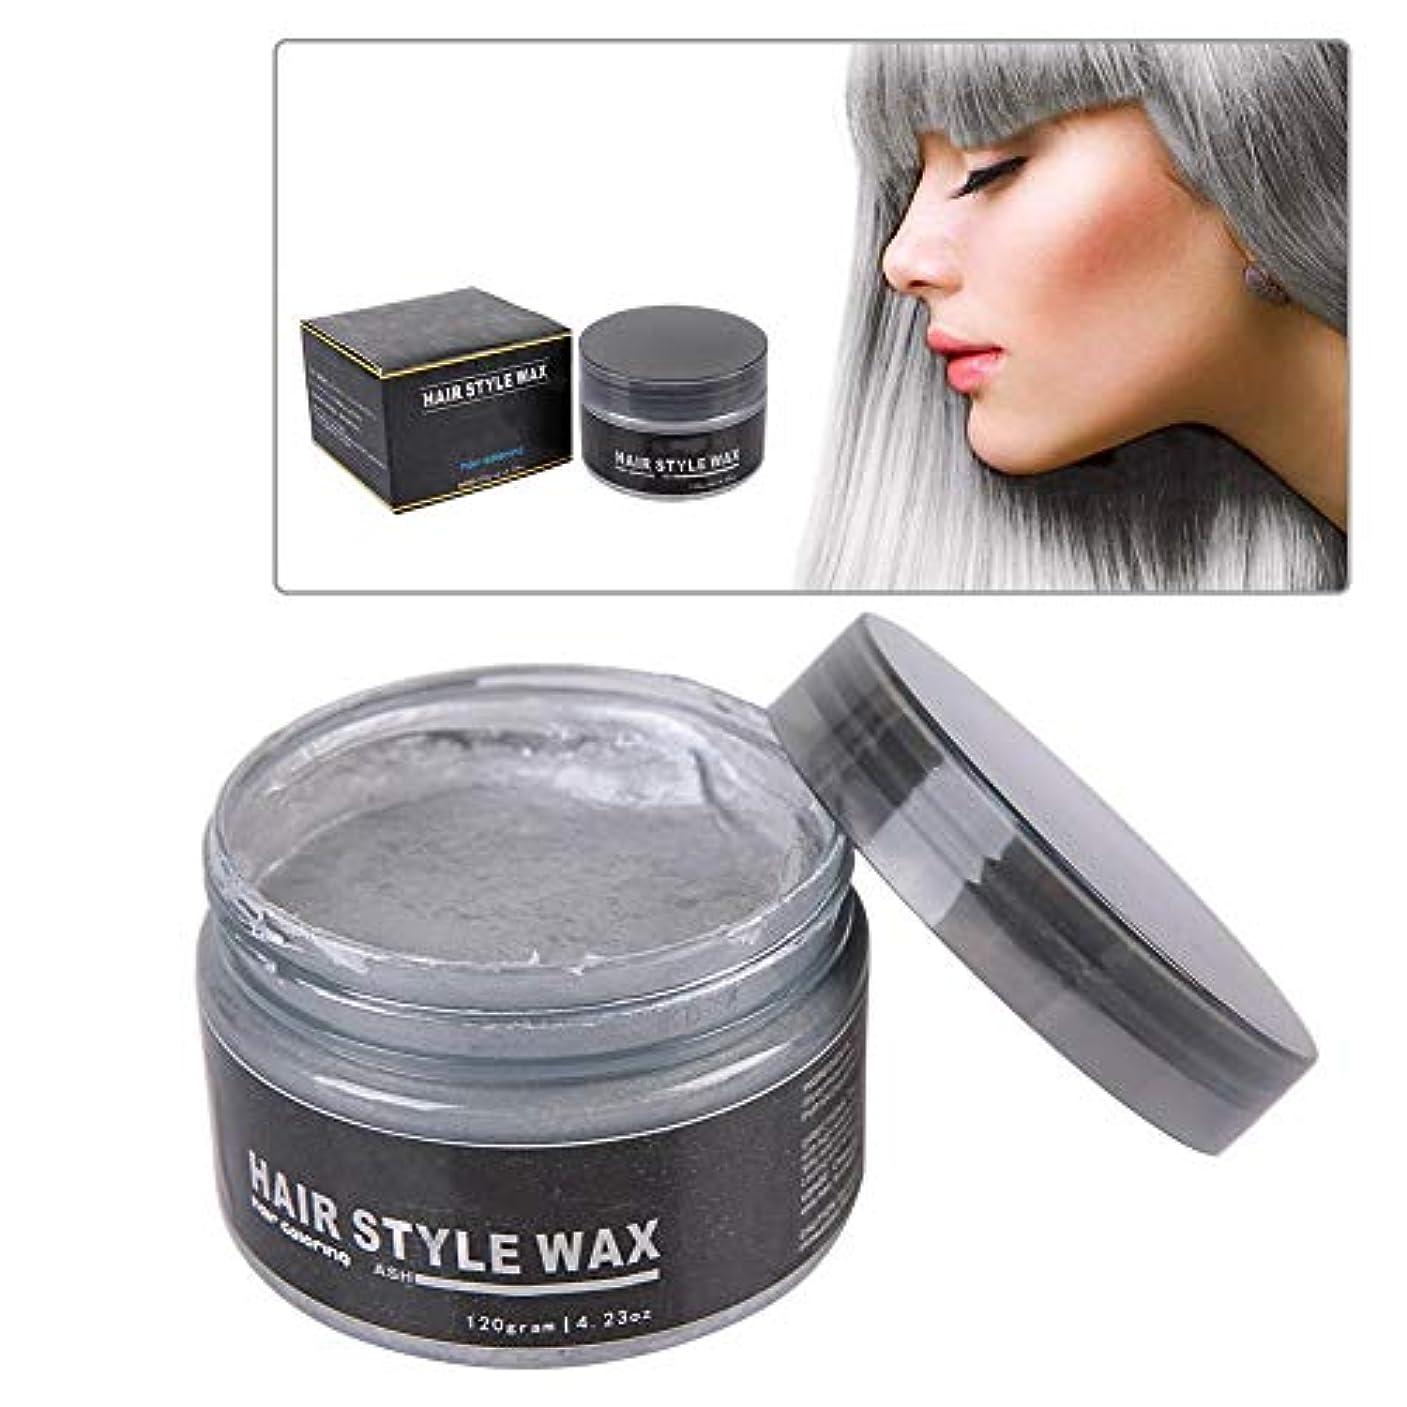 ドメイン高層ビル誠実さ使い捨ての新しいヘアカラーワックス、染毛剤の着色泥のヘアスタイルモデリングクリーム120グラム(グレー)